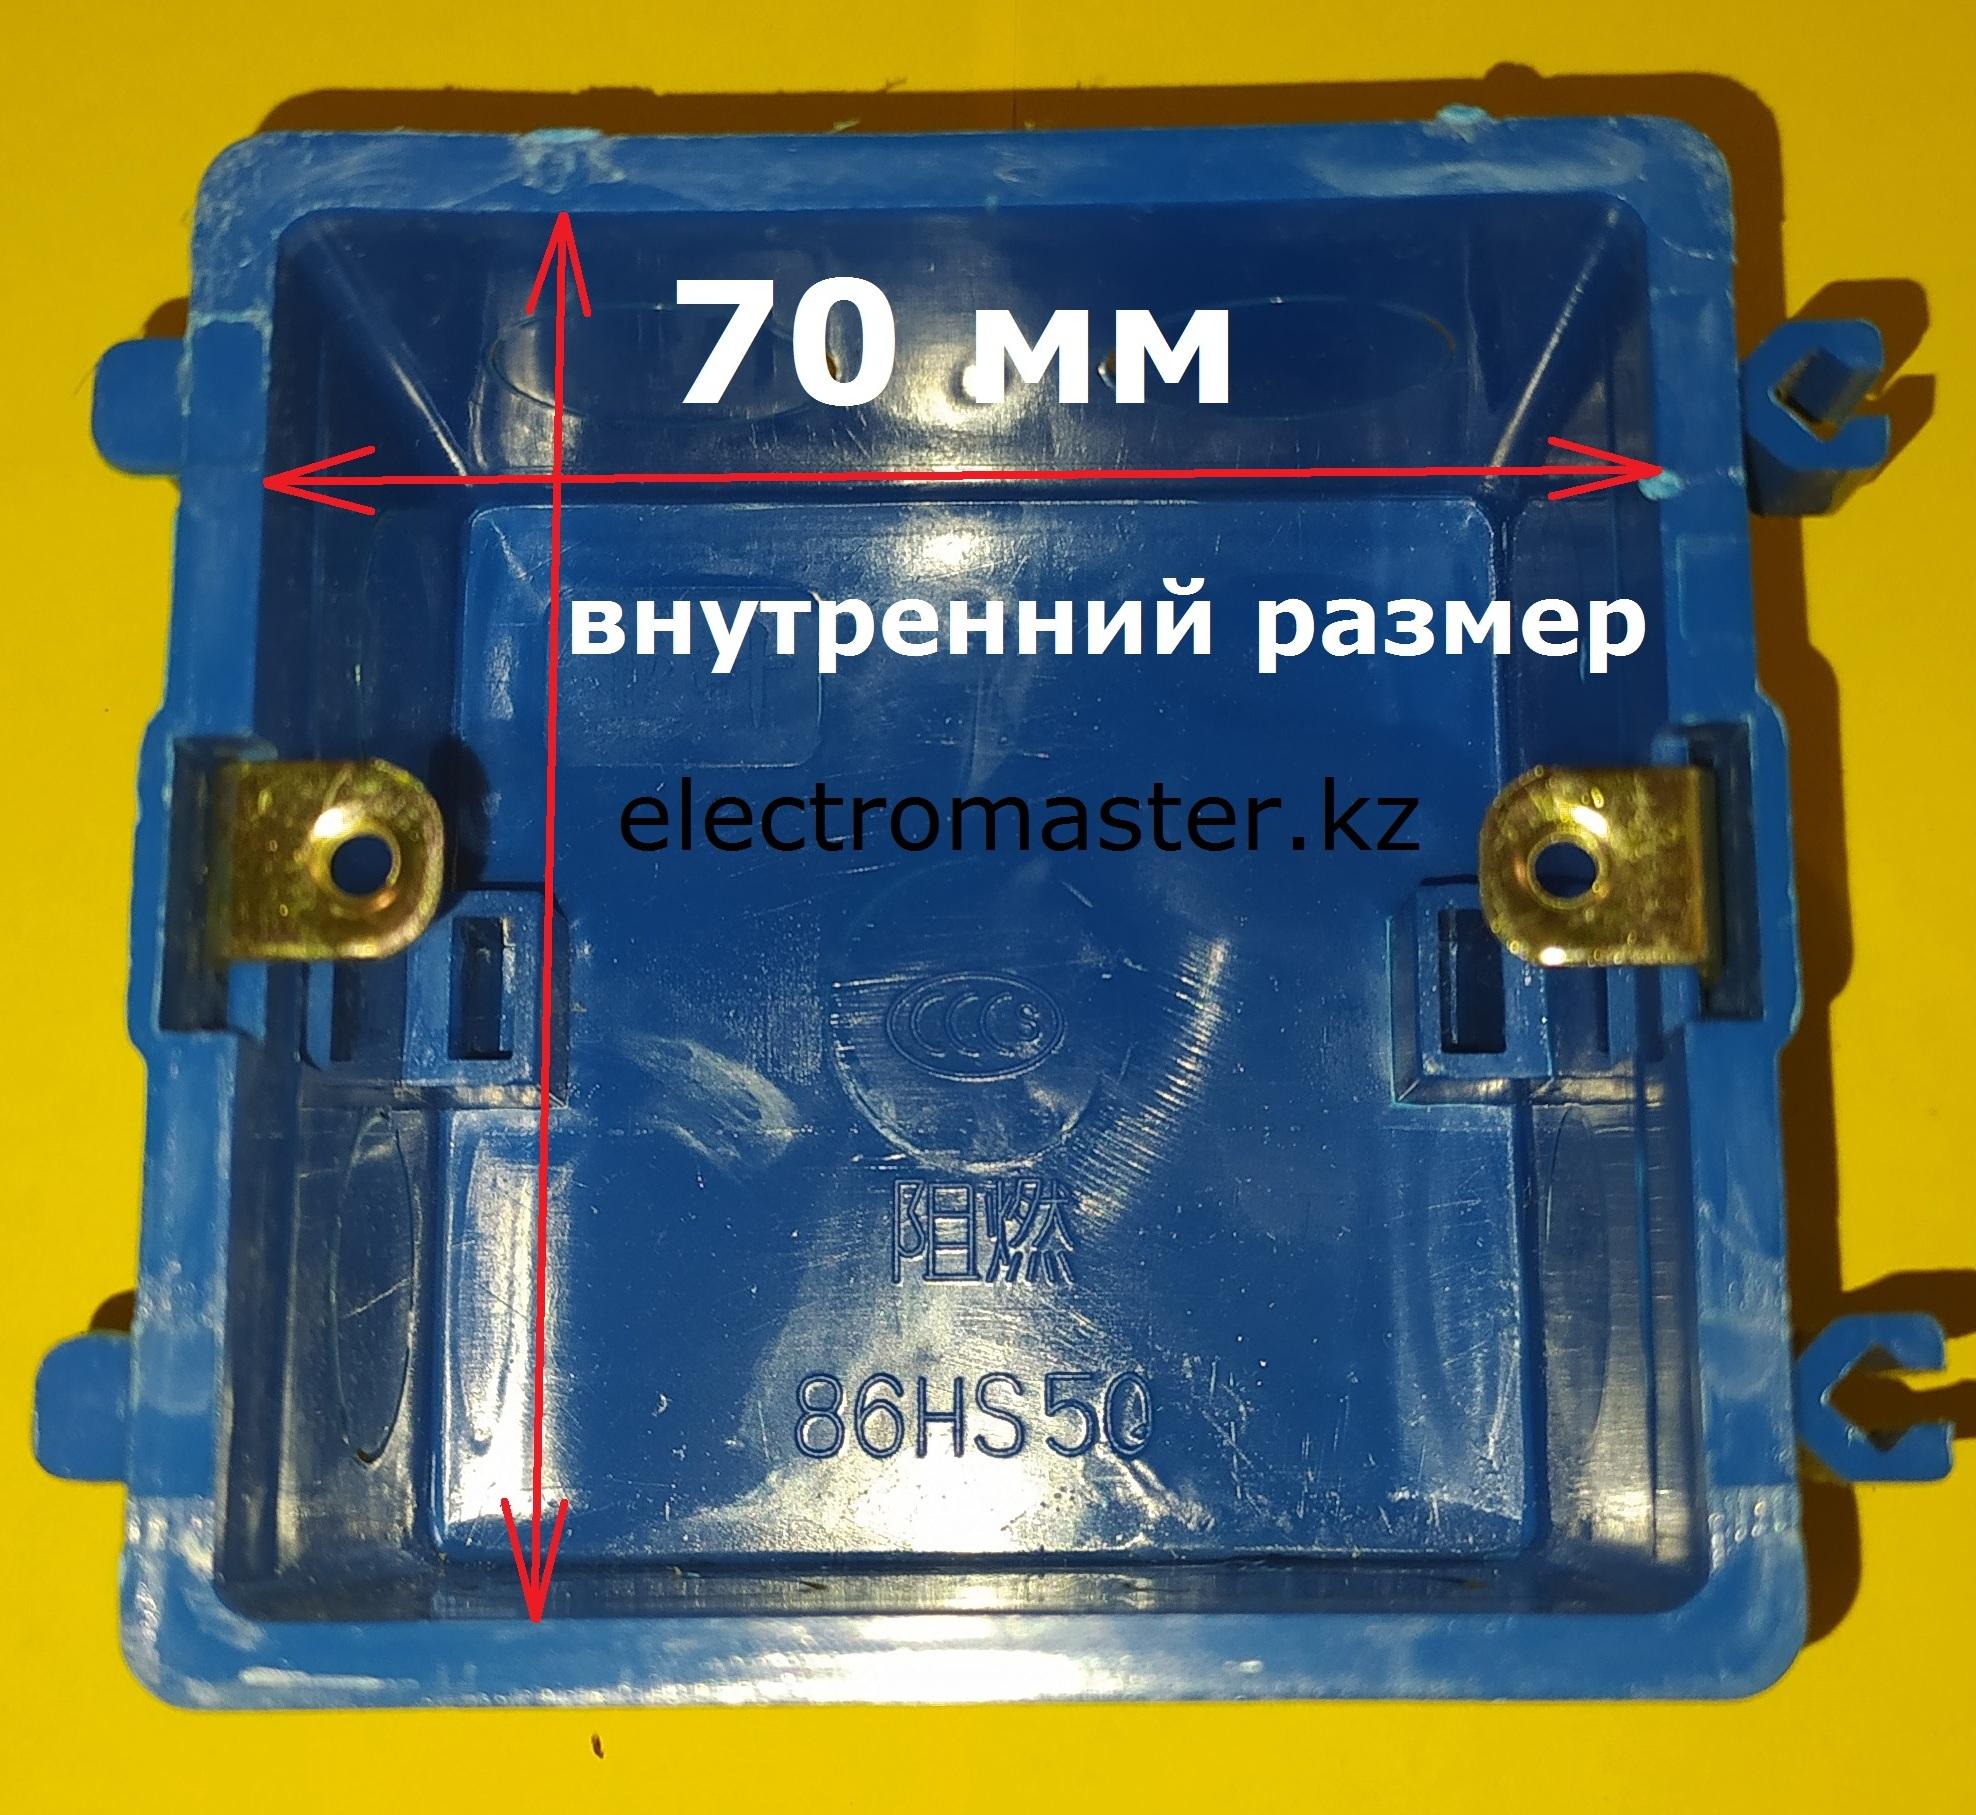 Внутренний размер сборного квадратного подрозетника, стандарта 86х86 - 70 мм